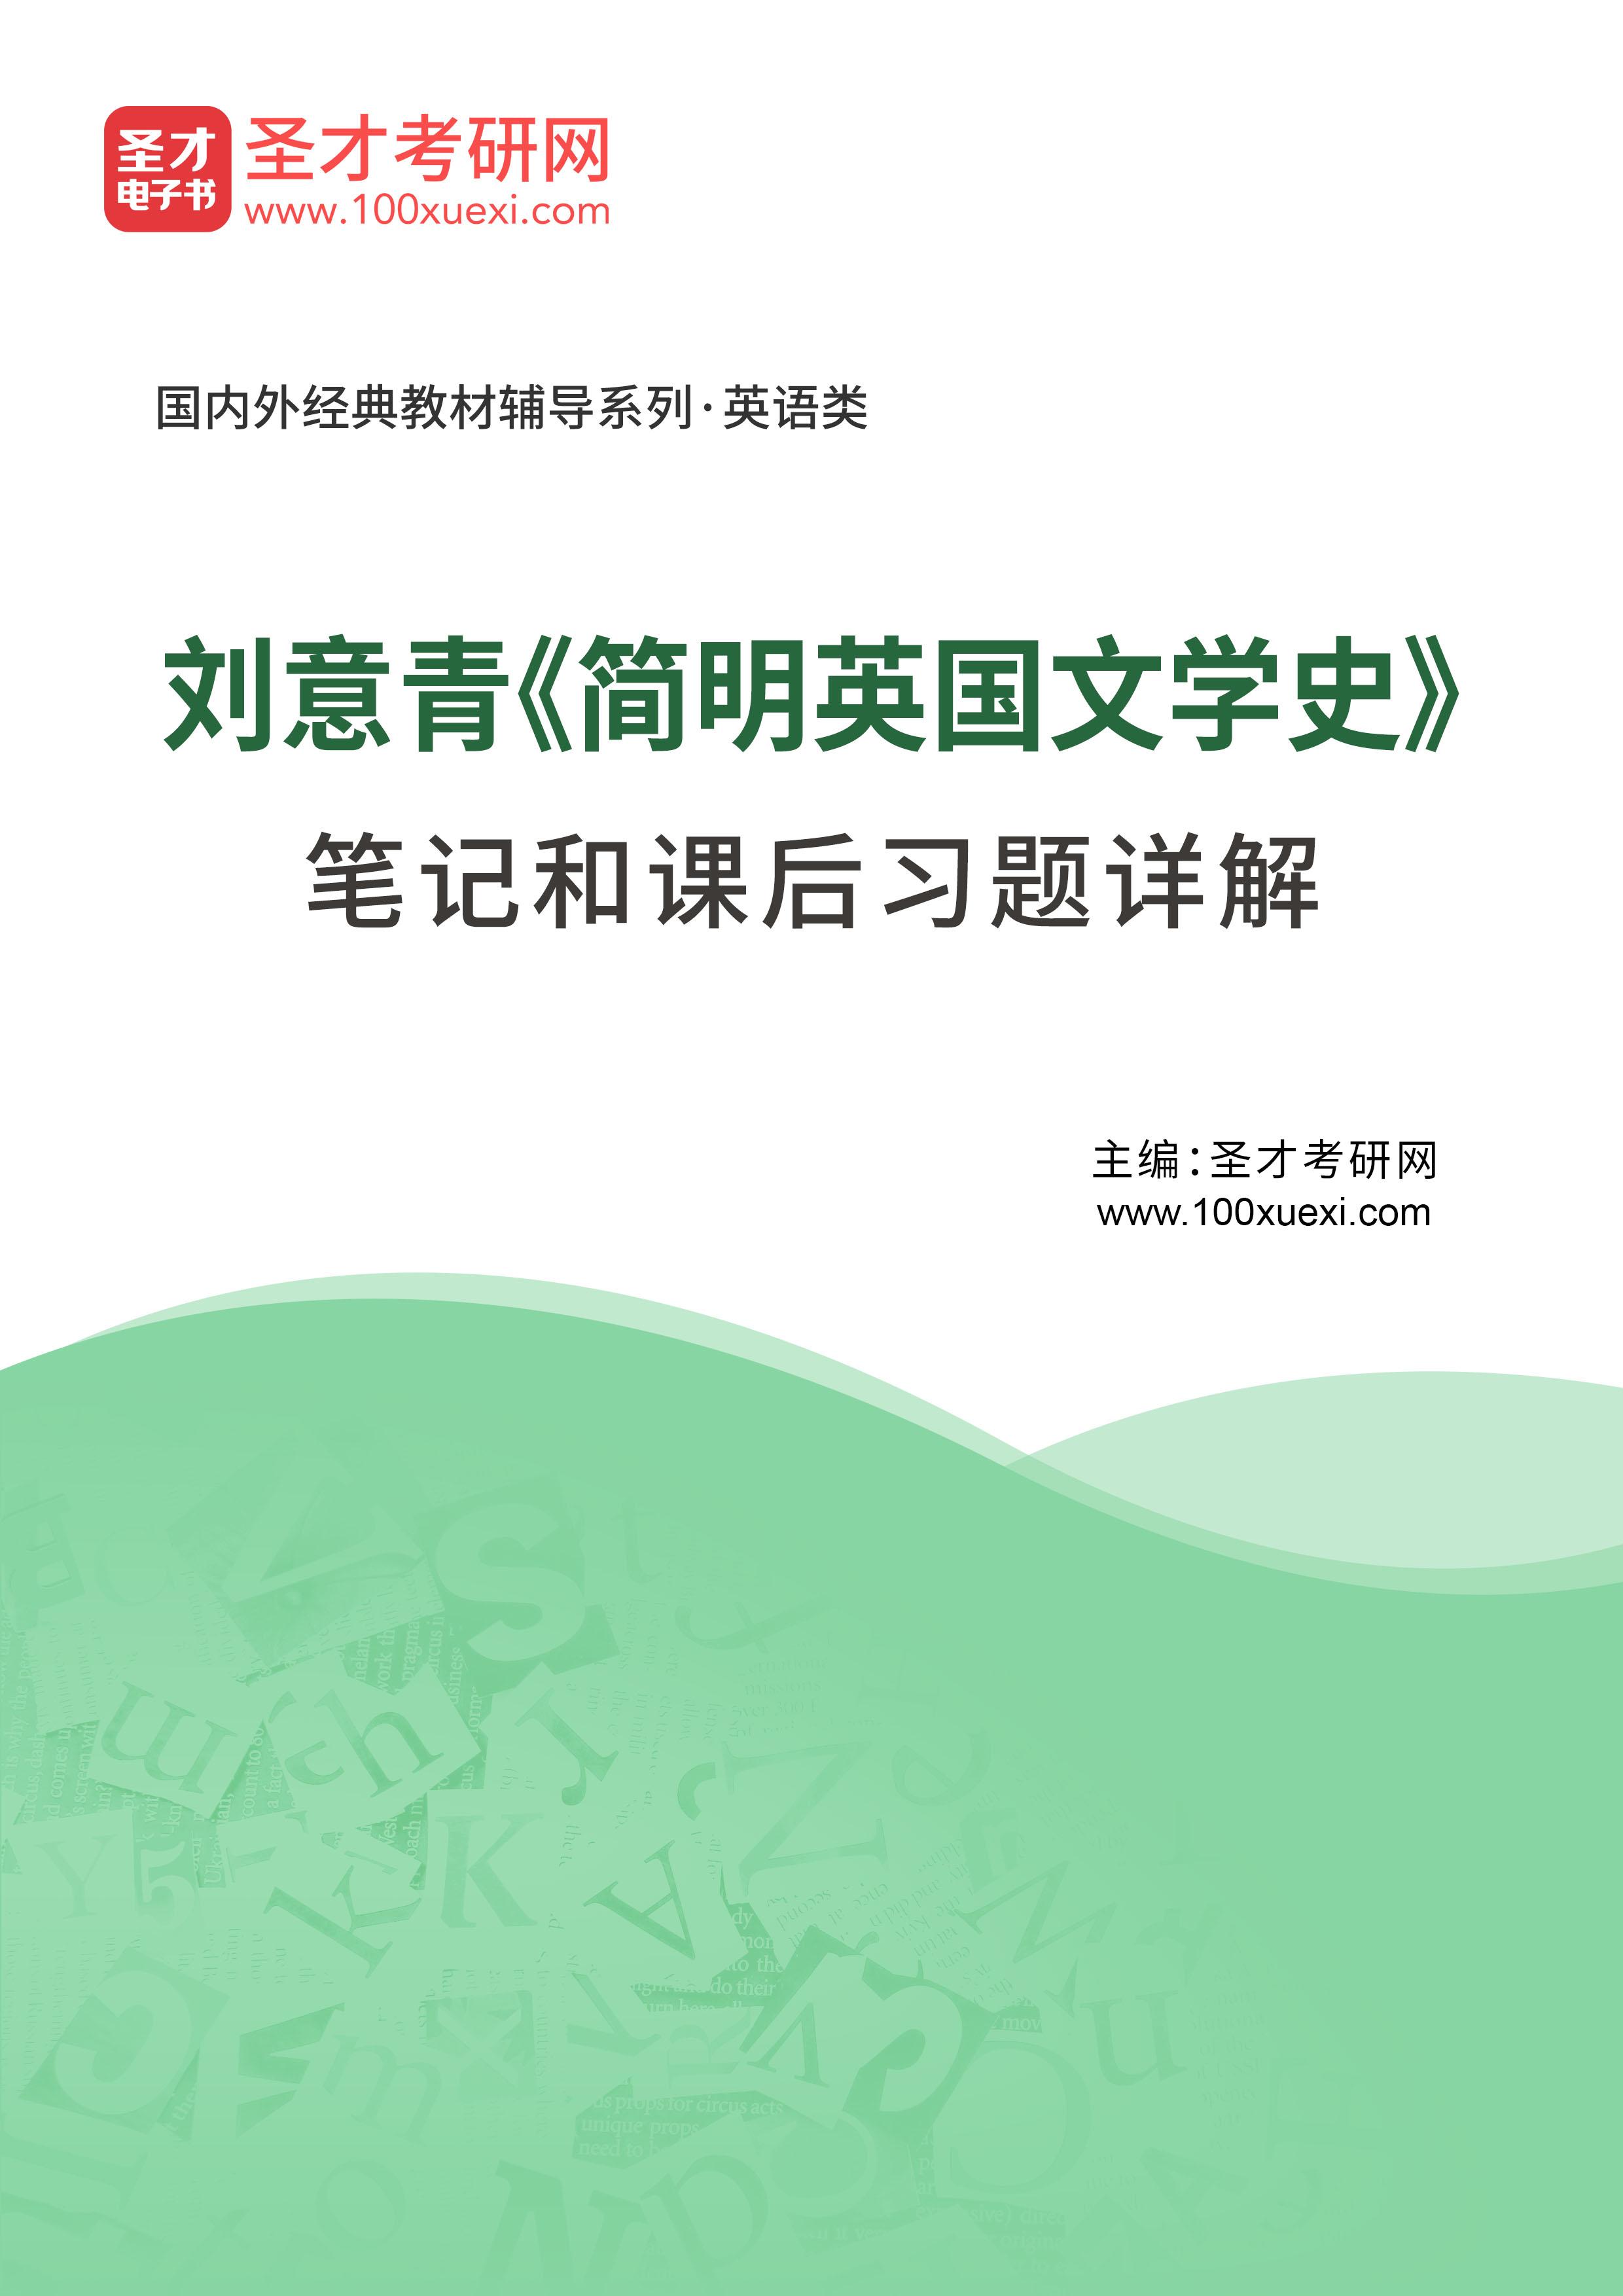 刘意青《简明英国文学史》笔记和课后习题详解